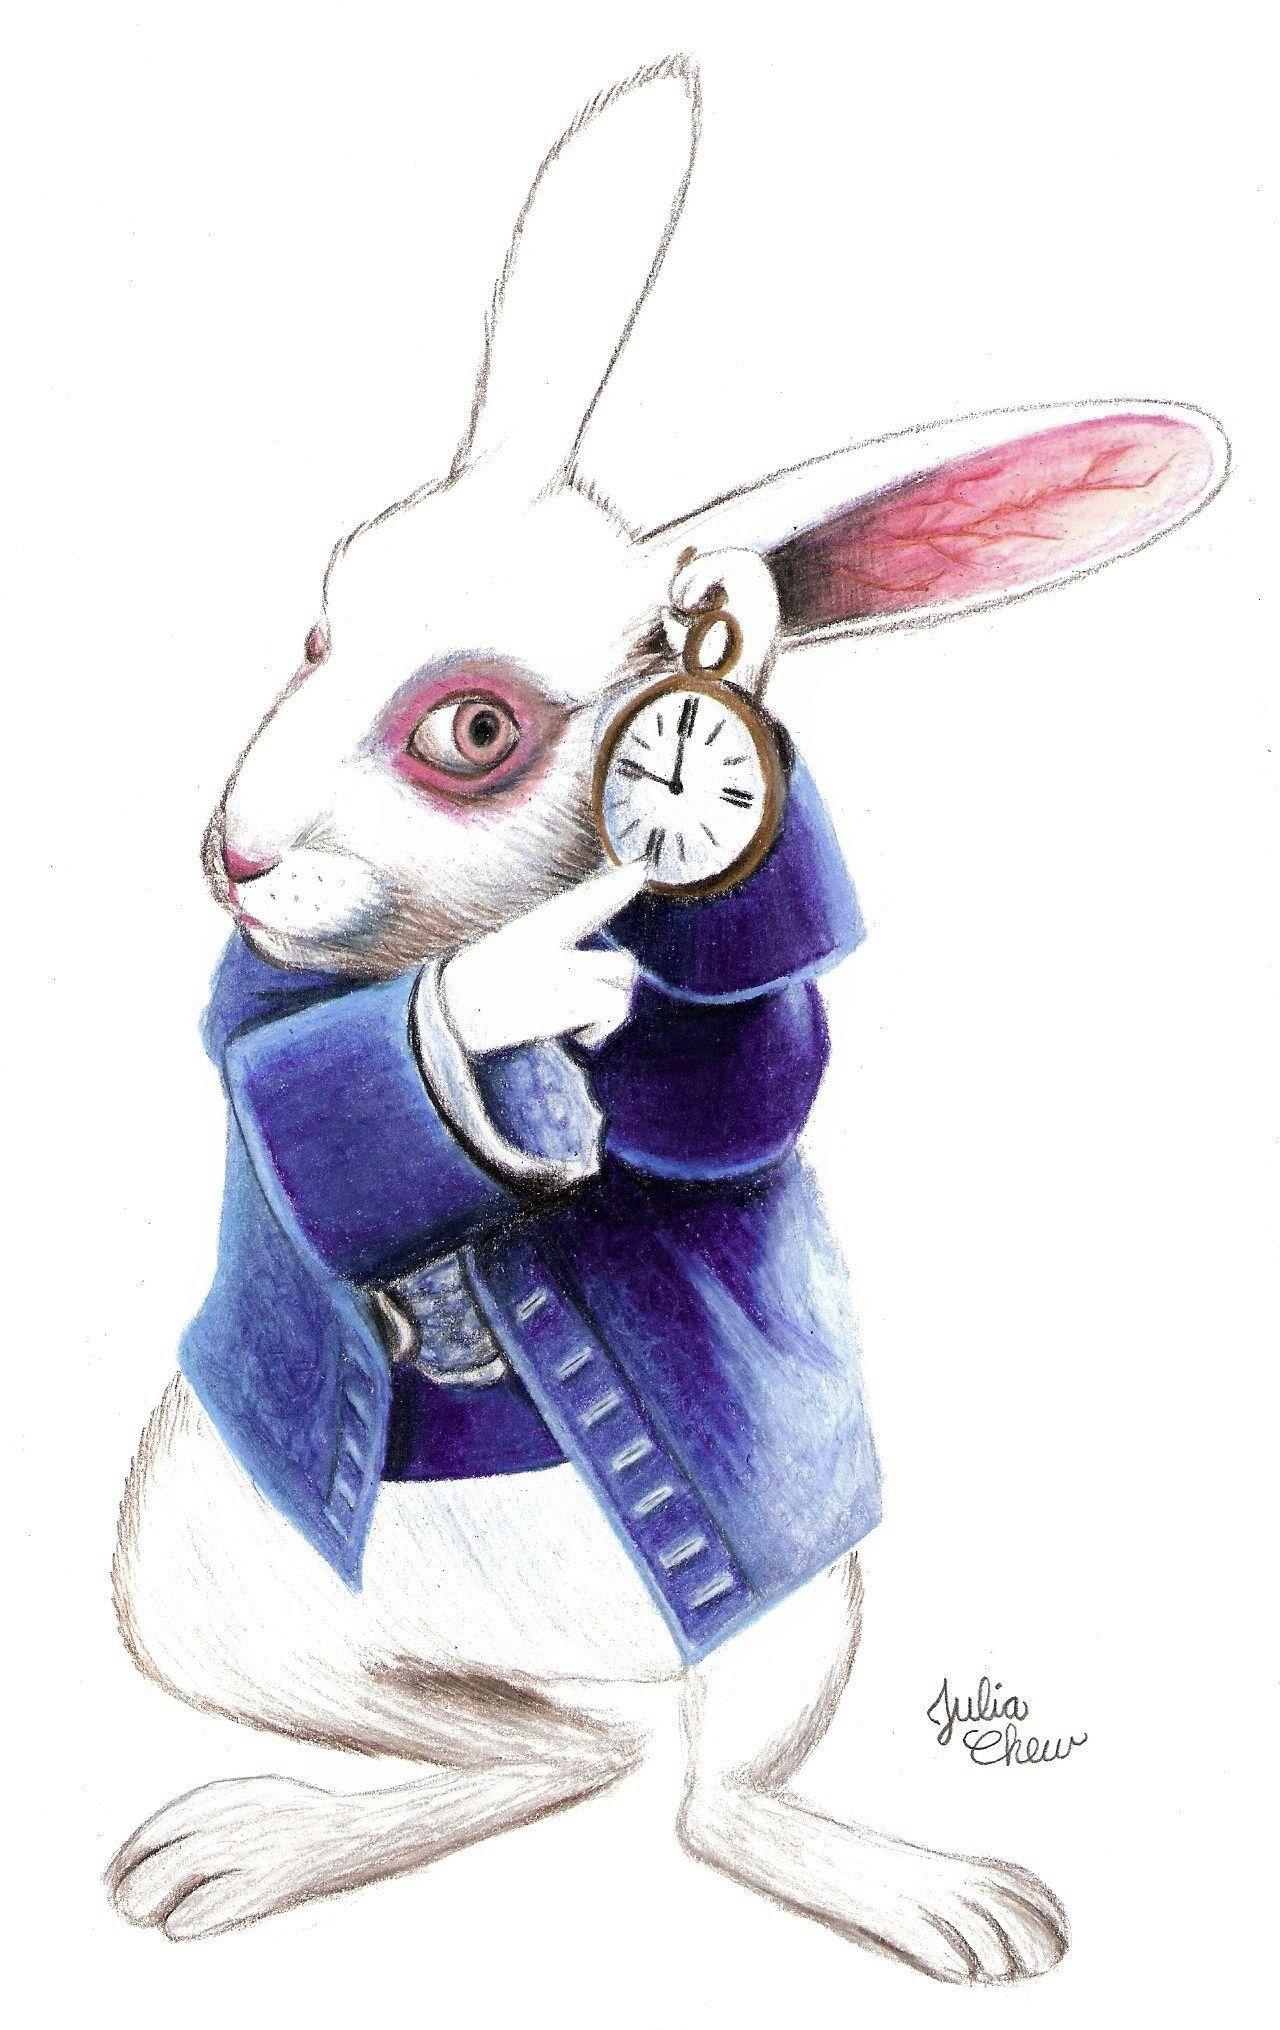 картинки заяц алиса в стране чудес царственной семьи придает